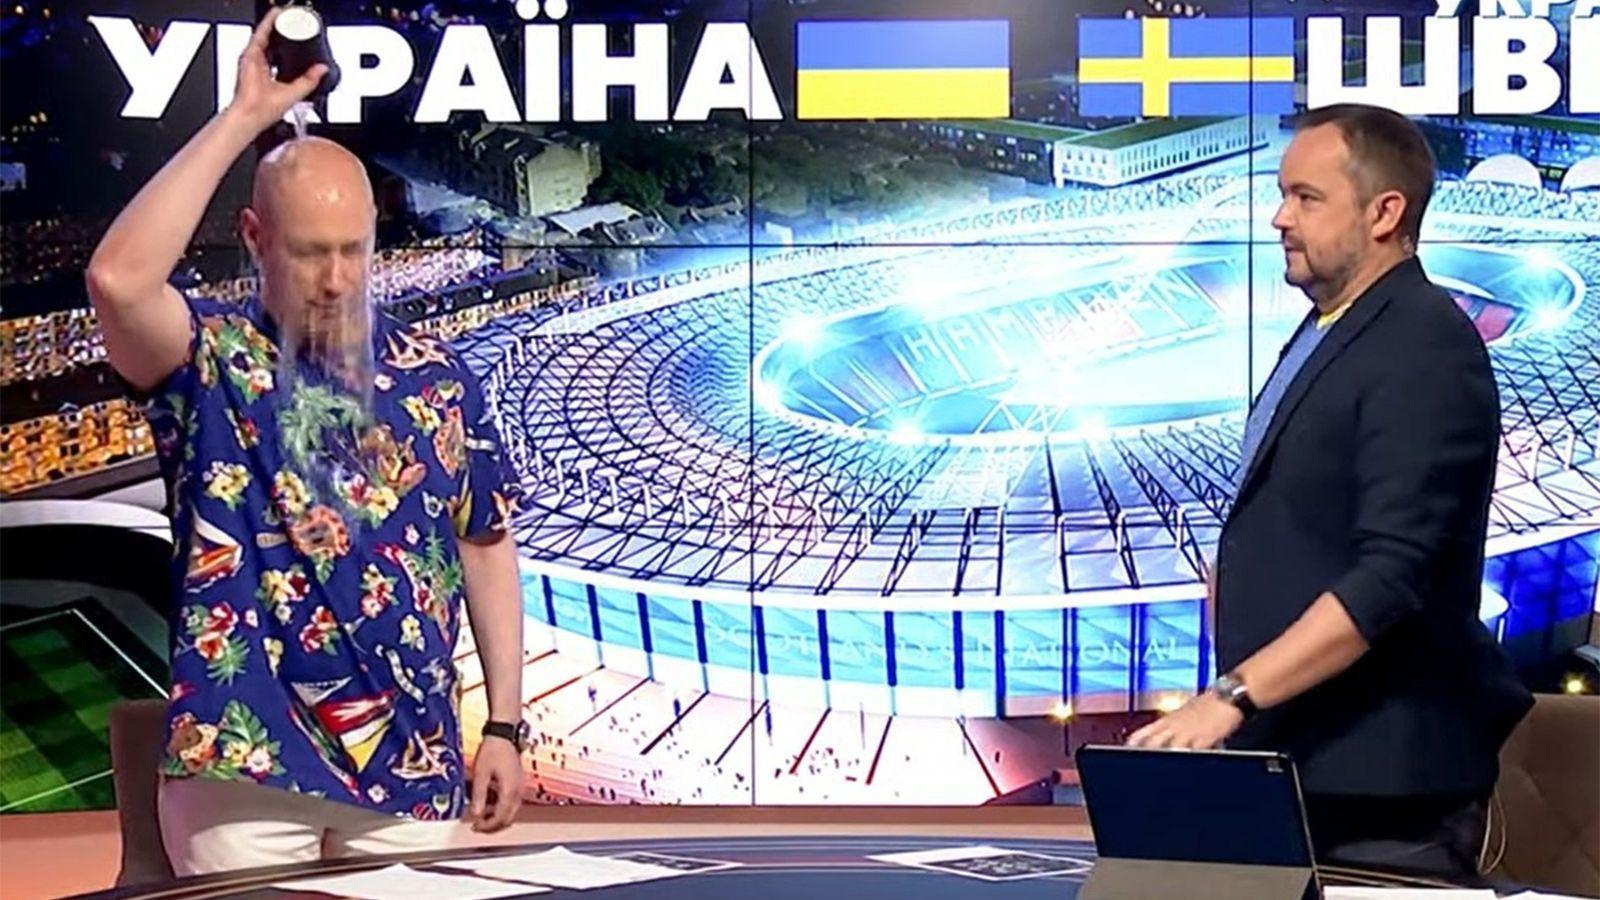 Гордон устроил перформанс: облился водой в эфире канала Ахметова из-за матча сборной Украины